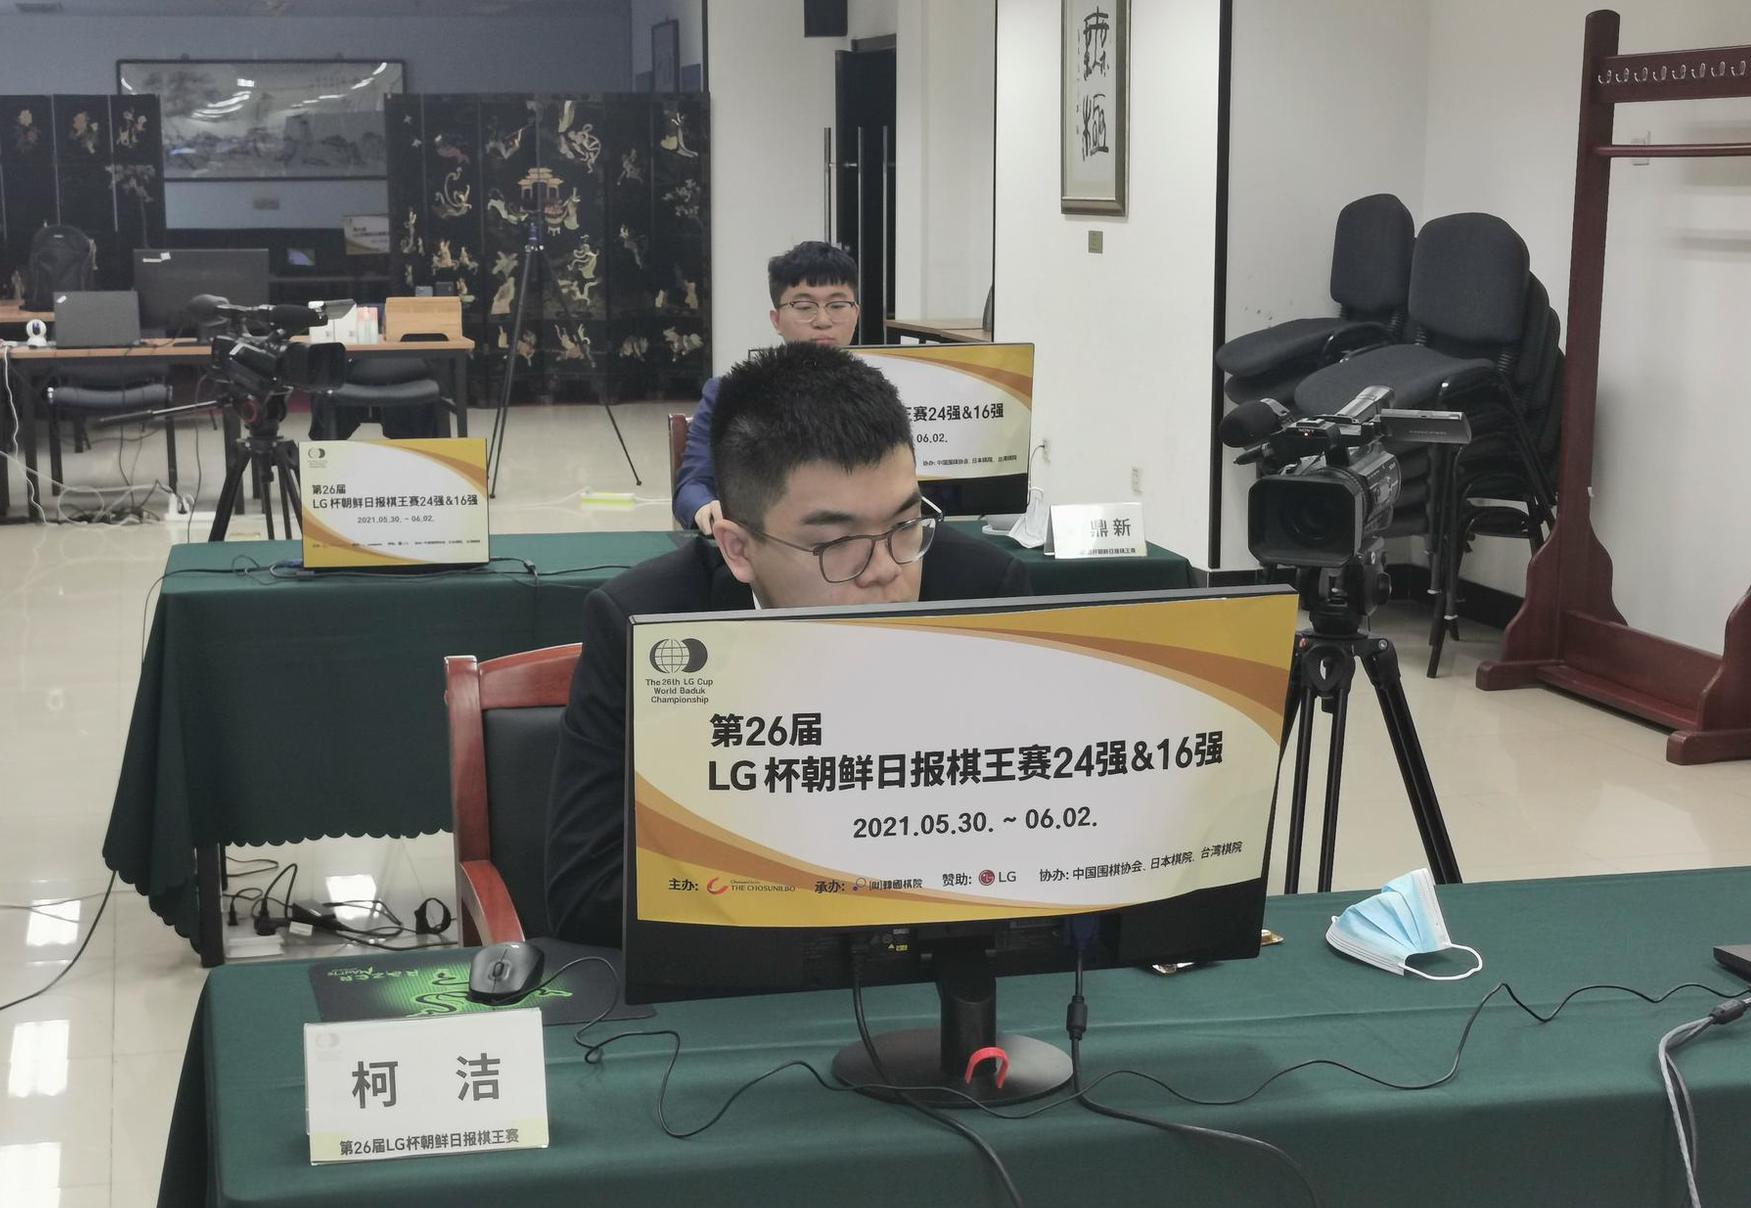 高清-LG杯16强赛 柯洁杨鼎新出战